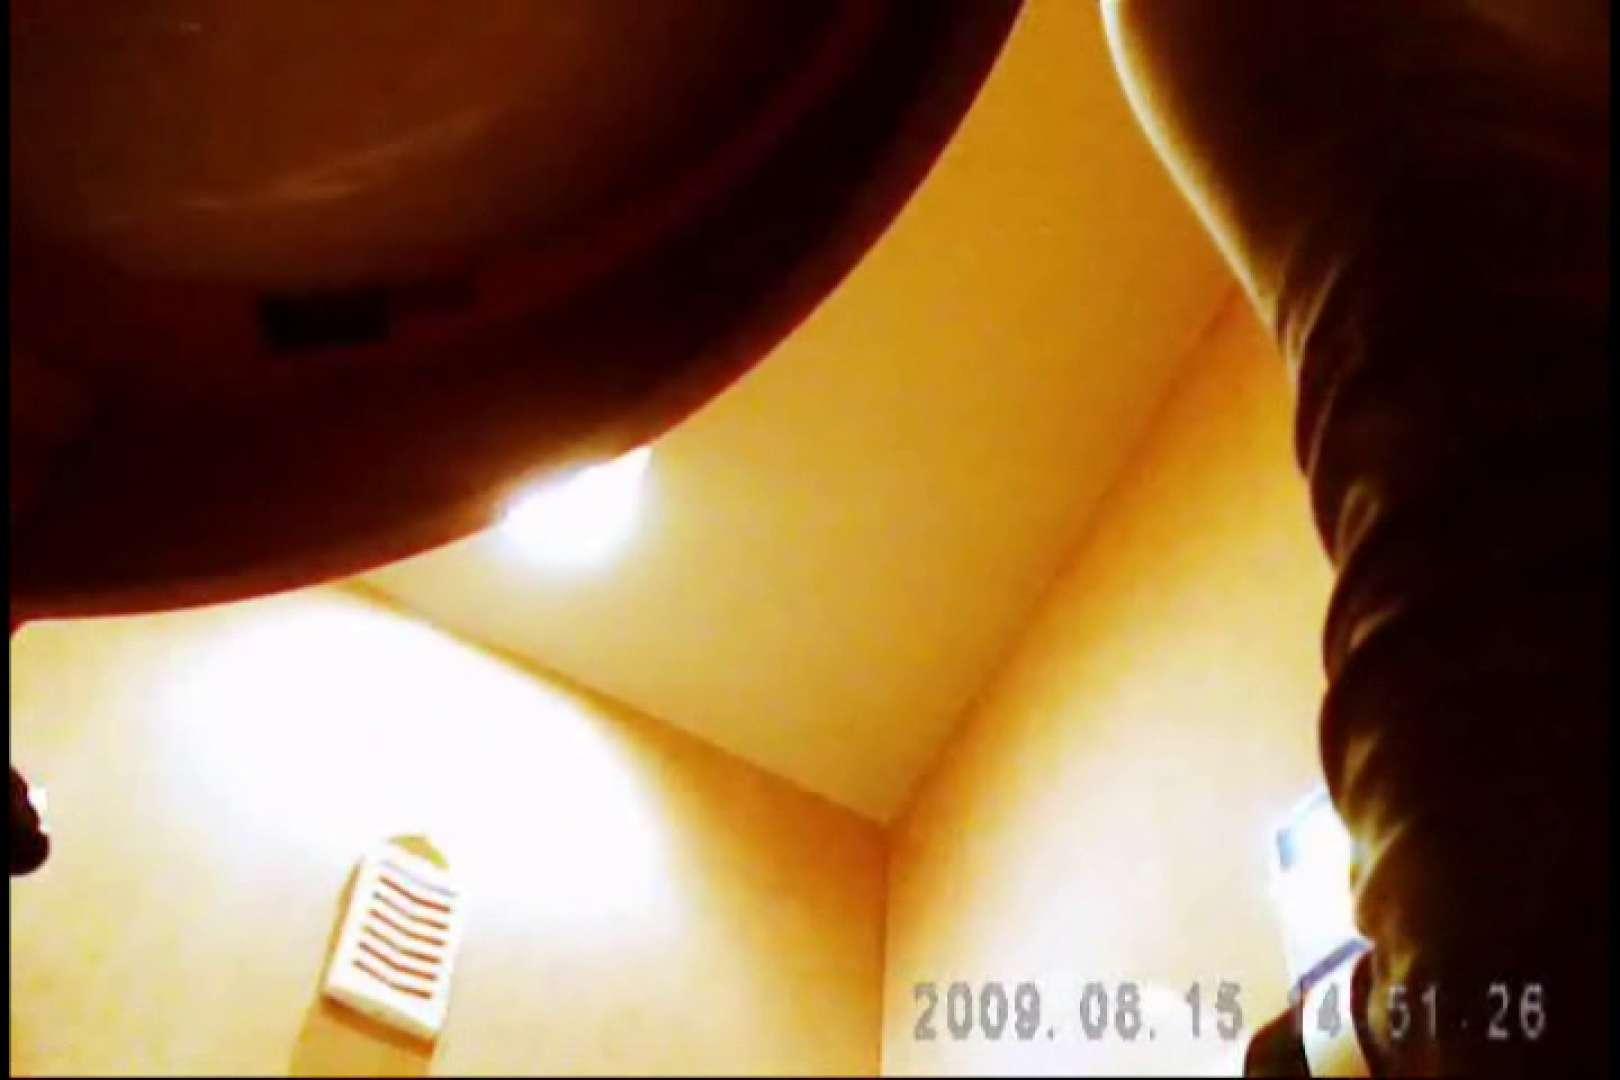 画質向上!新亀さん厠 vol.26 OLエロ画像 隠し撮りセックス画像 100PICs 20